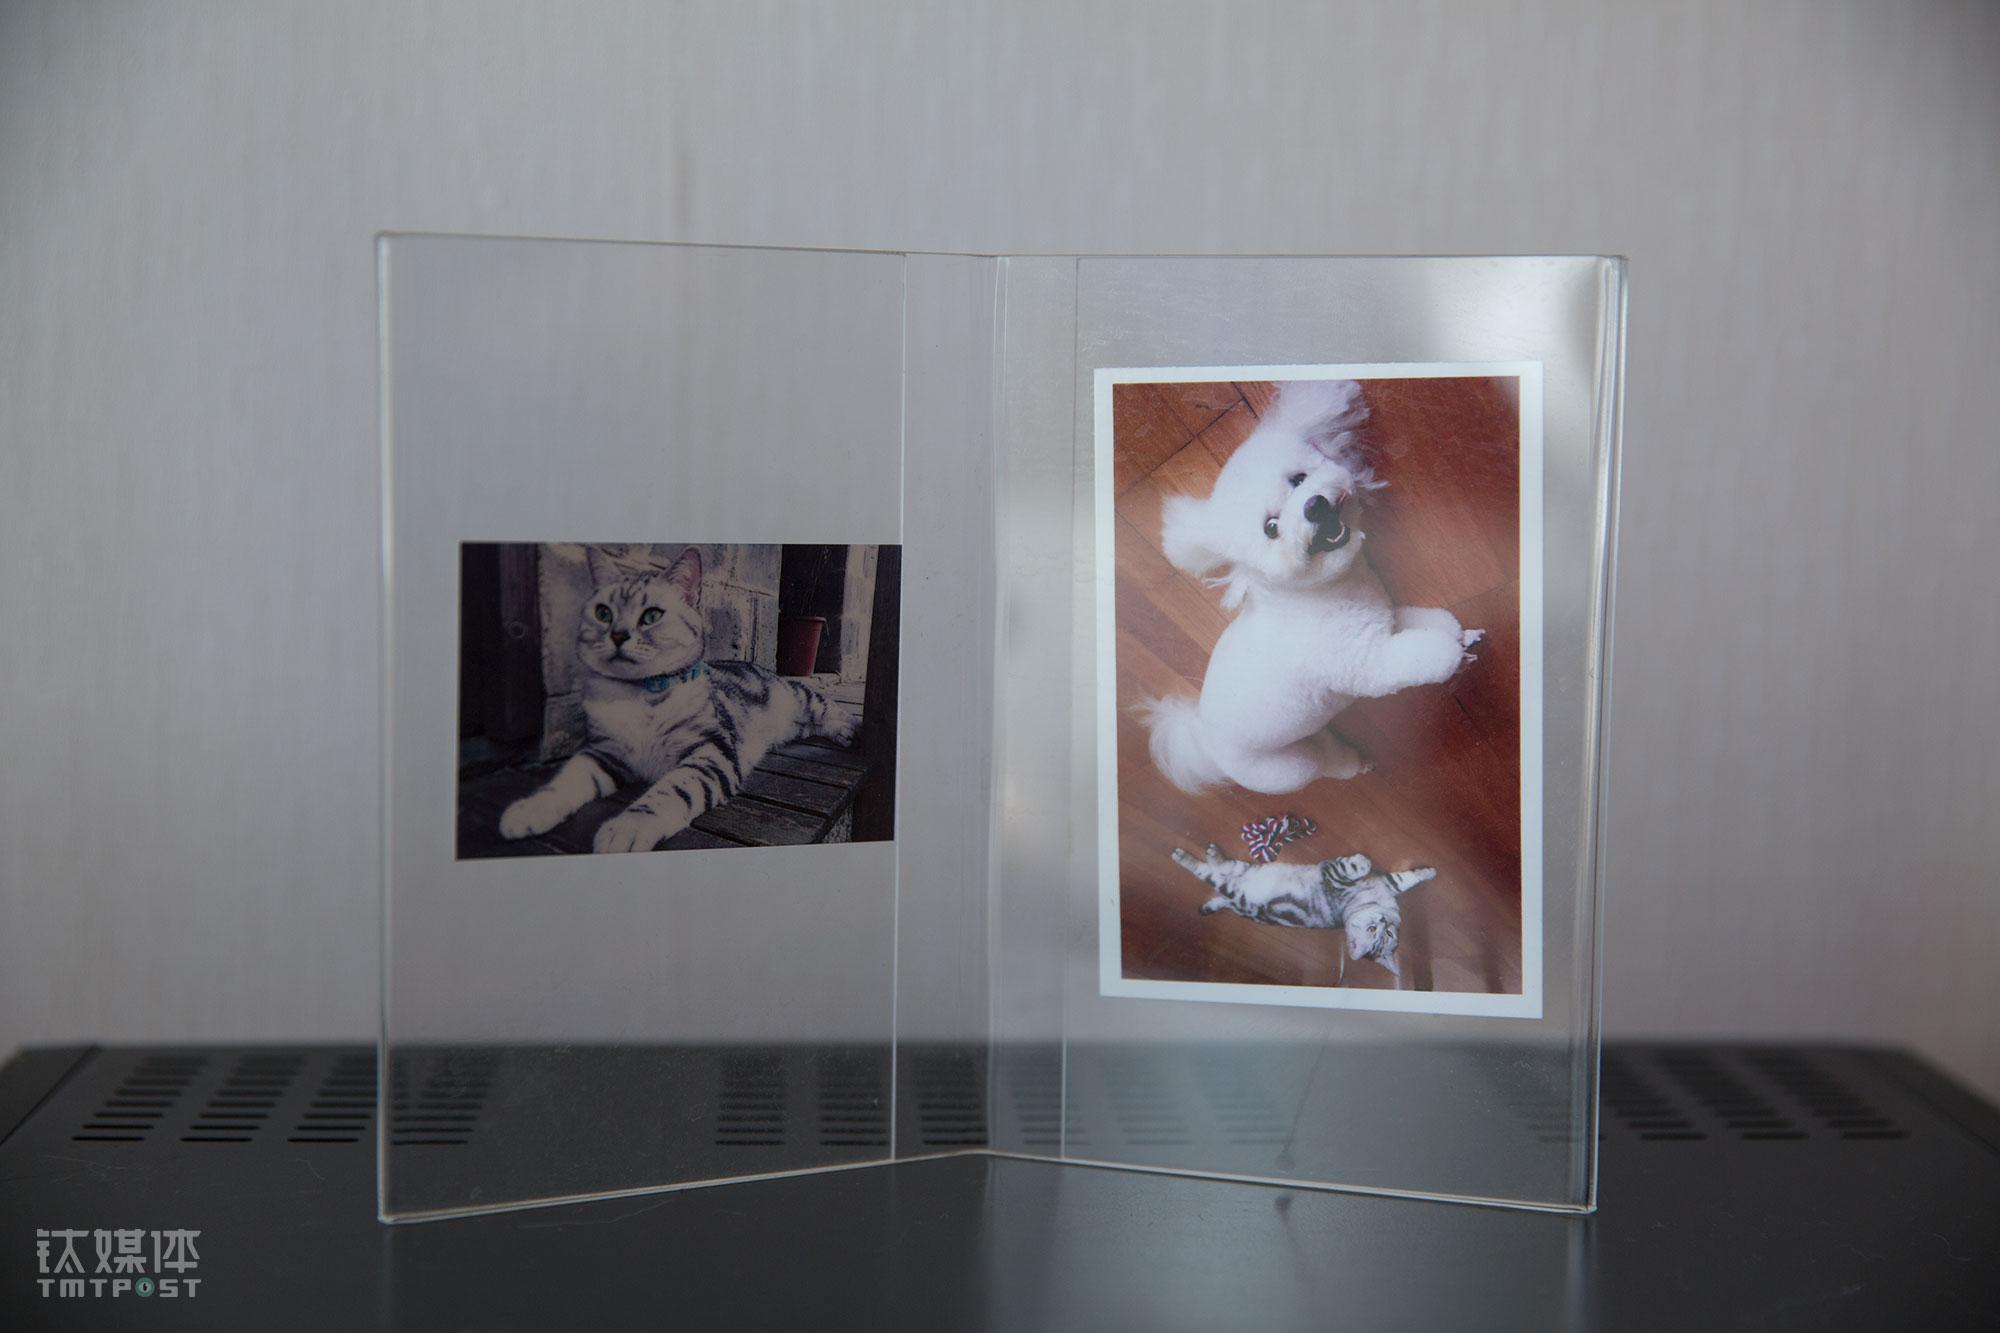 """在外旅行期间,董杰妮在客栈为小猫和小狗拍的照片。她每年都会和老公出去旅行一次,夫妻俩每次都选择自驾,因为只有这样才能带着家里的猫狗。猫和狗带给她不一样的感受。""""狗无时不刻需要人,一个人被需要的心里会得到极大满足;养猫的话,人更需要猫,当猫回应人的时候,人会觉得开心。""""董杰妮认为,养猫的人比养狗的人更加活在当下,他想要相对自由、随性的感情关系,而狗让人觉得自己超级被需要,她觉得狗养久了像小孩。"""